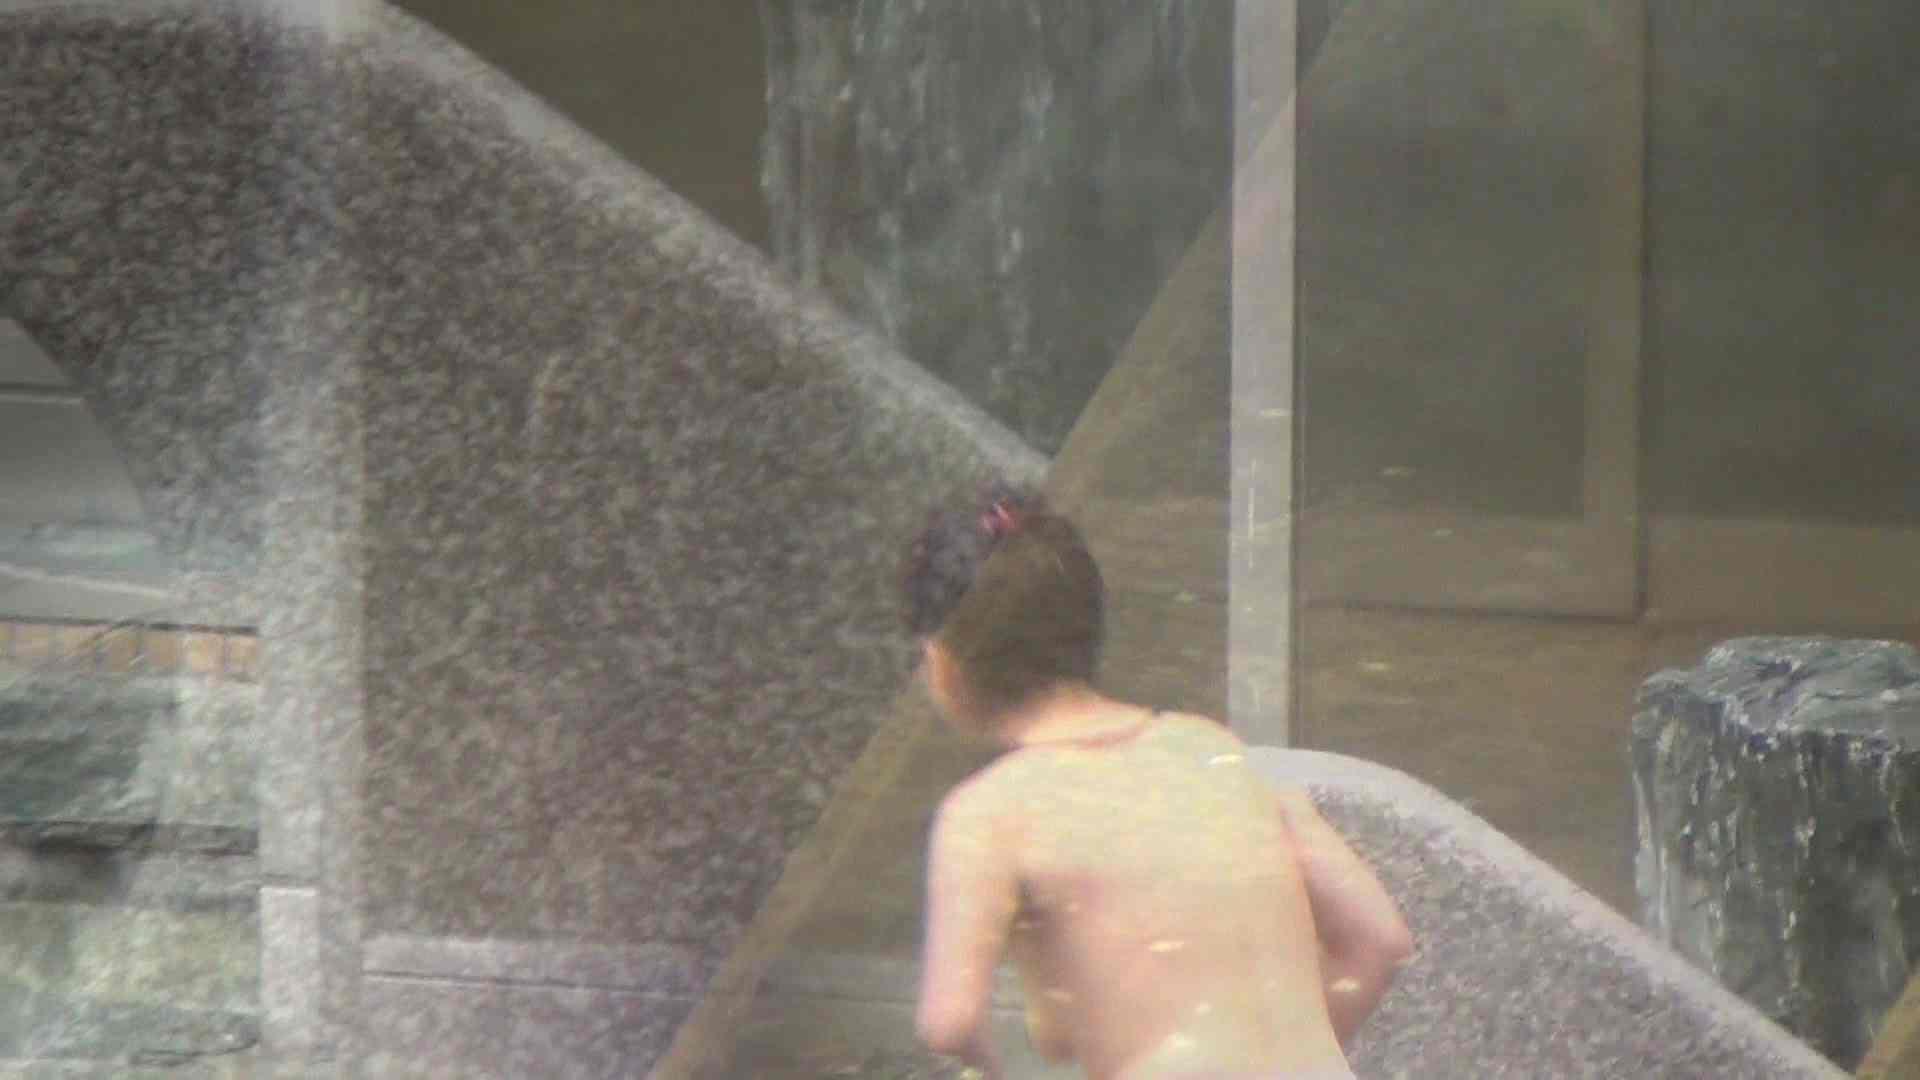 ハイビジョンVol.9 美女盛り合わせ No.3 露天覗き オマンコ無修正動画無料 101枚 79